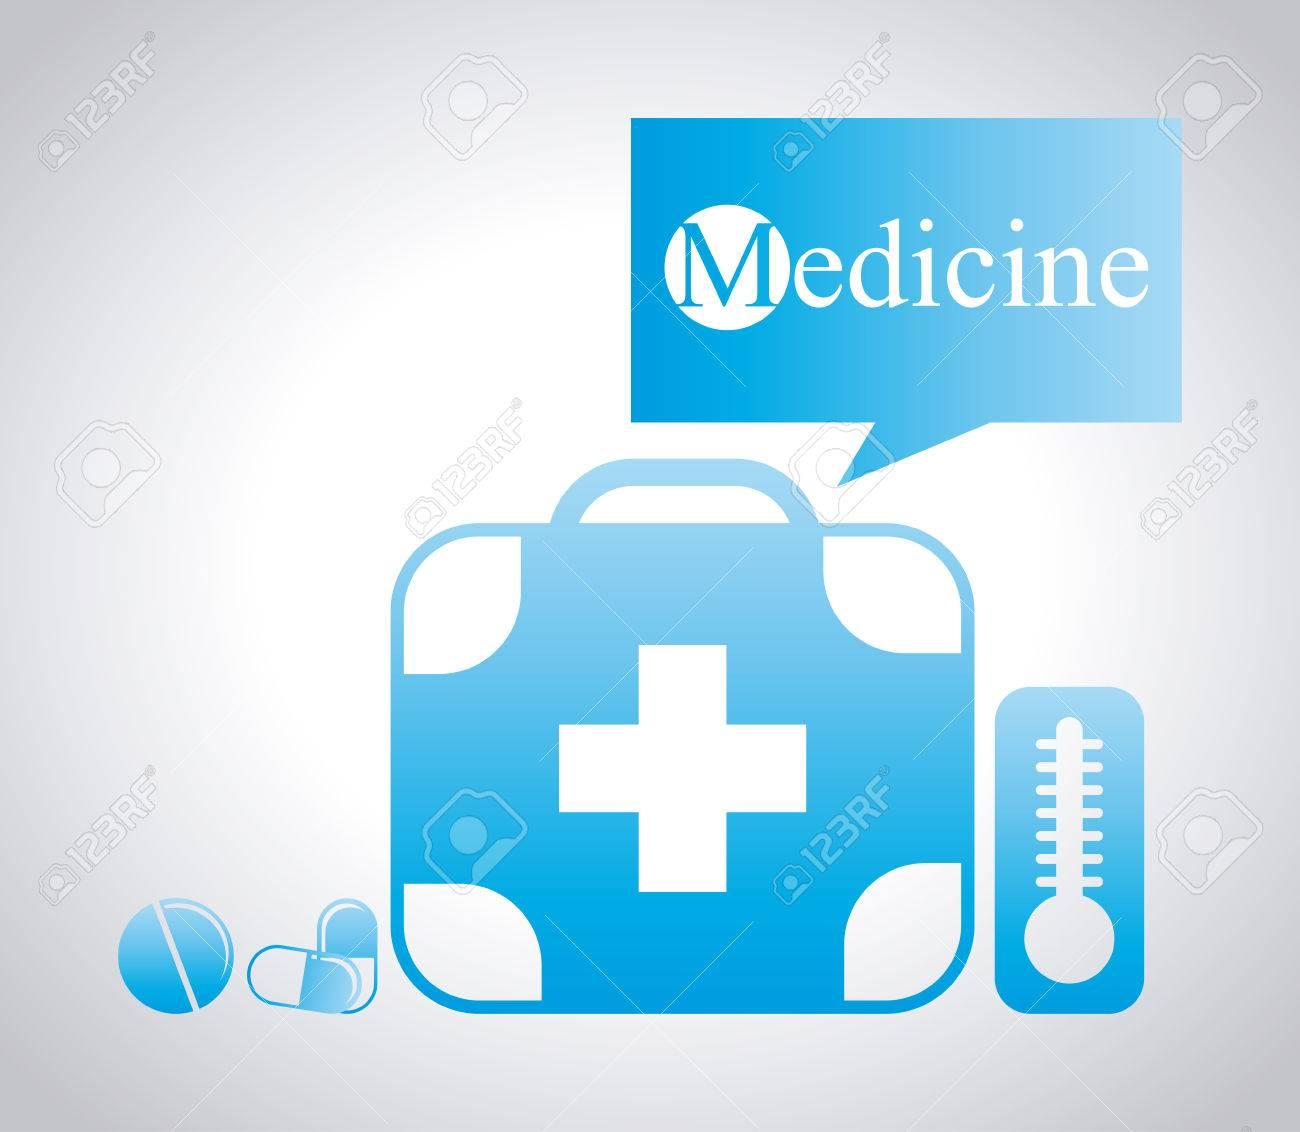 Poster design medical - Medical Poster Design Stock Vector 40950194